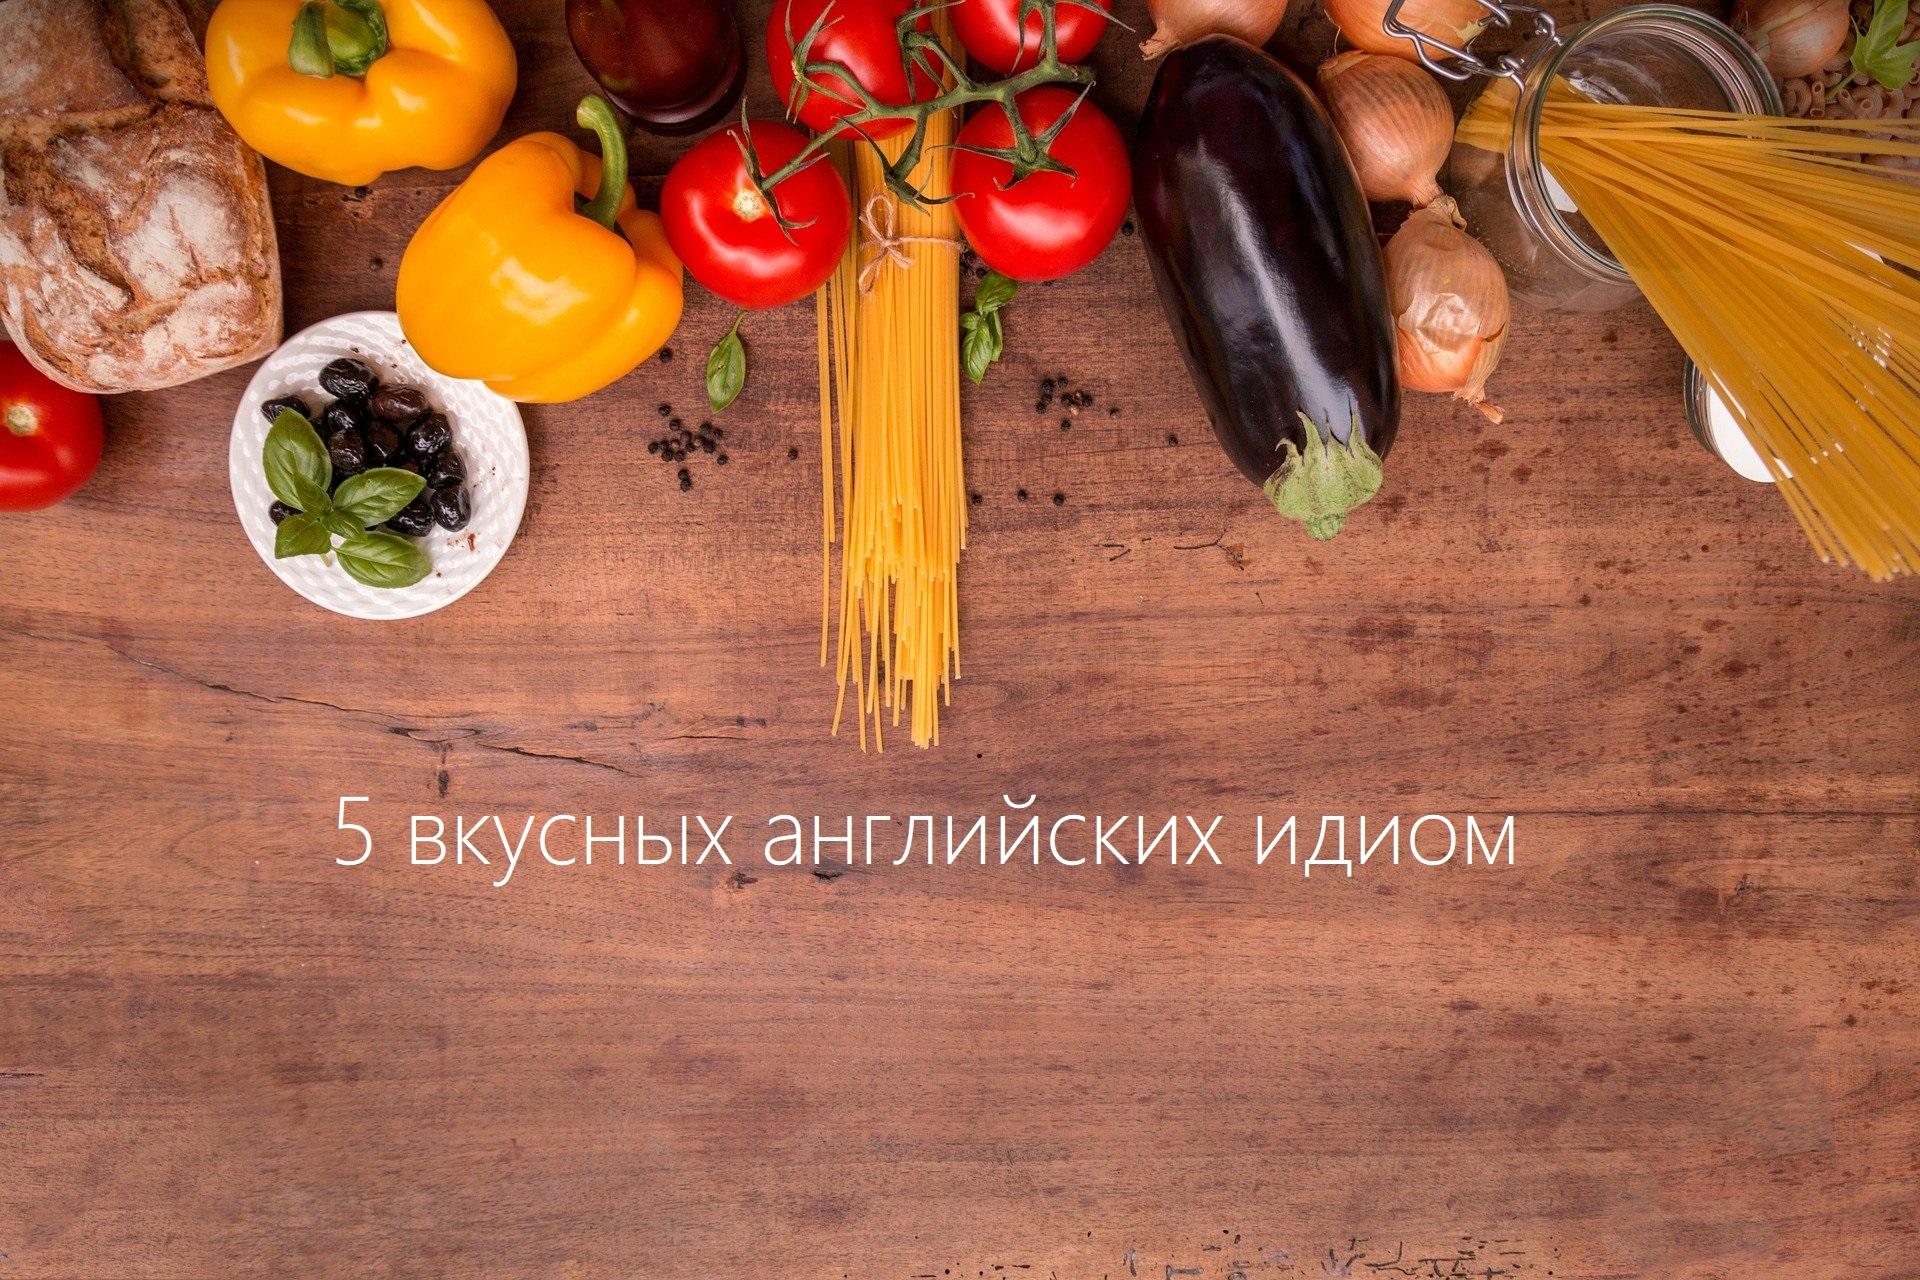 5 вкусных английских идиом, нейронный машинный перевод, ИИ, с английского на русский, дословный перевод